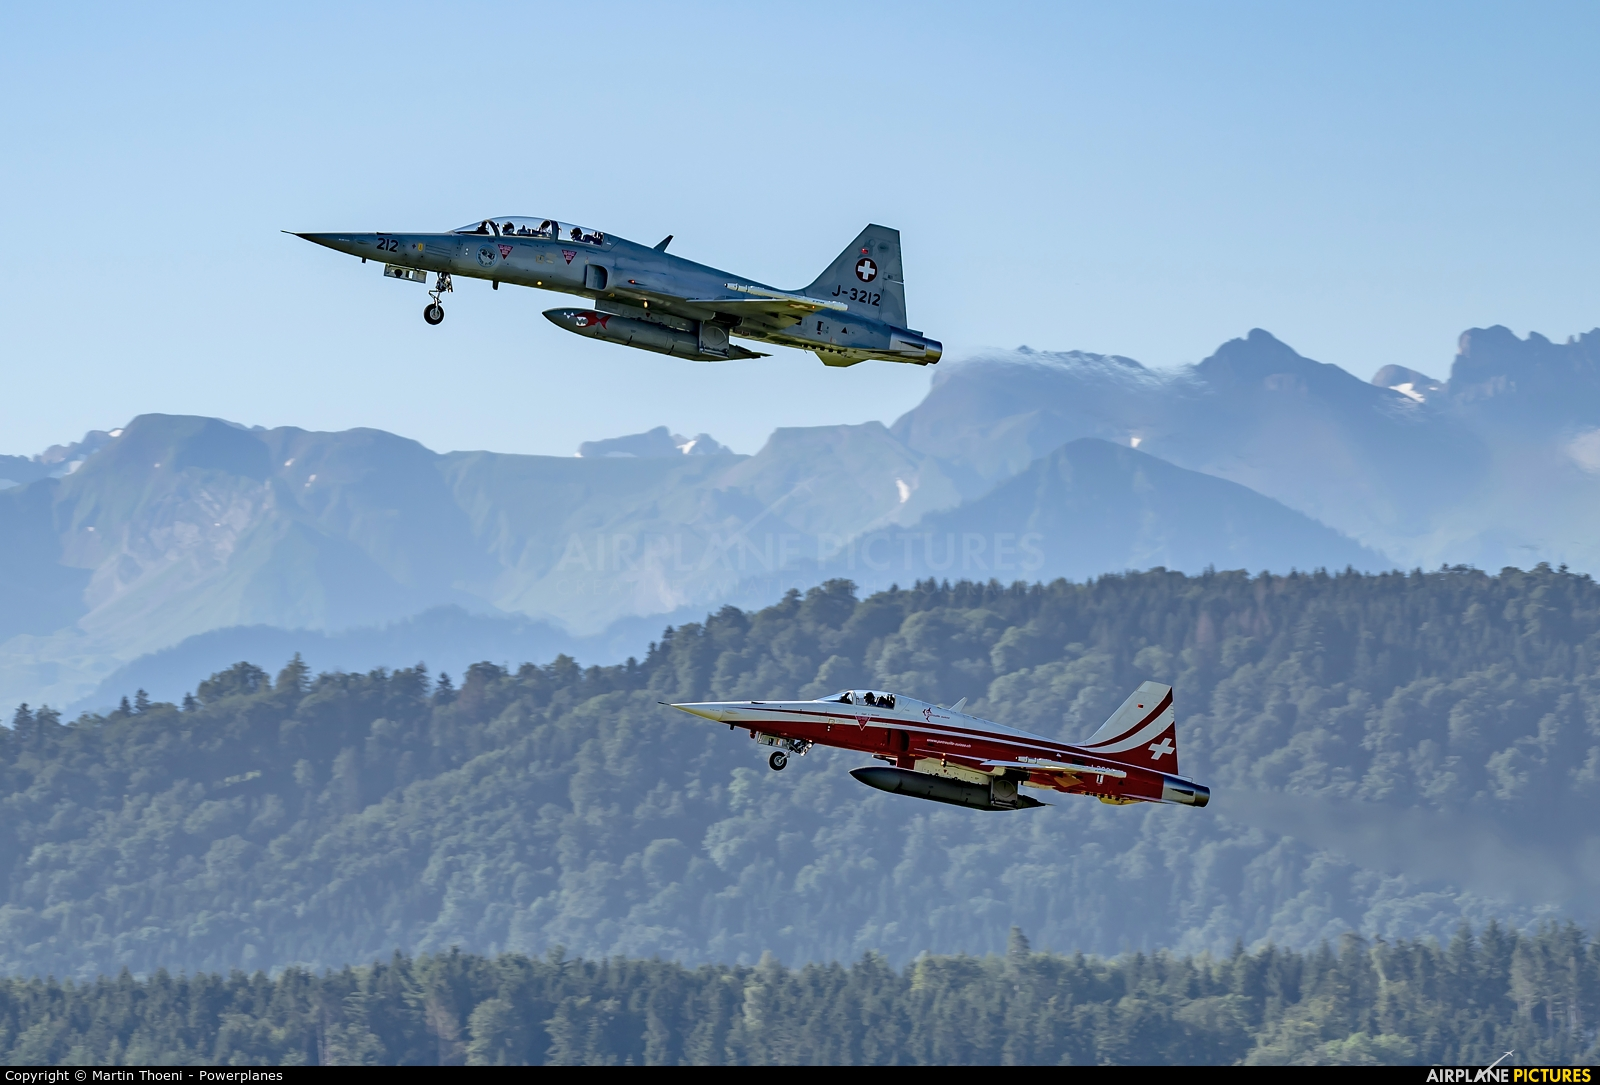 Switzerland - Air Force J-3212 aircraft at Emmen